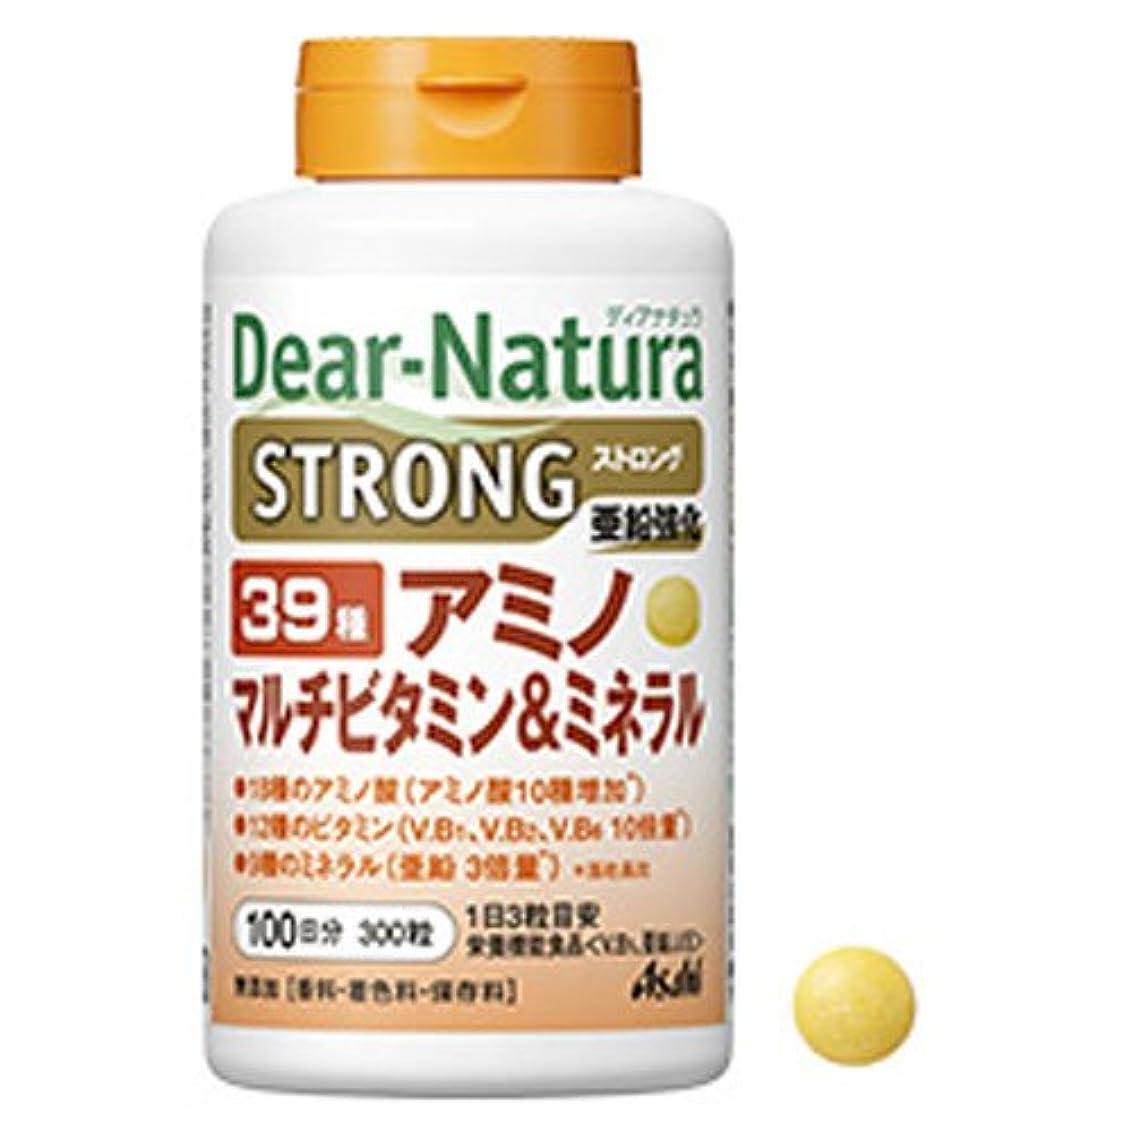 居眠りする誓約蜂<お得な2個パック>ディアナチュラストロング 39種アミノマルチビタミン&ミネラル 300粒入り×2個